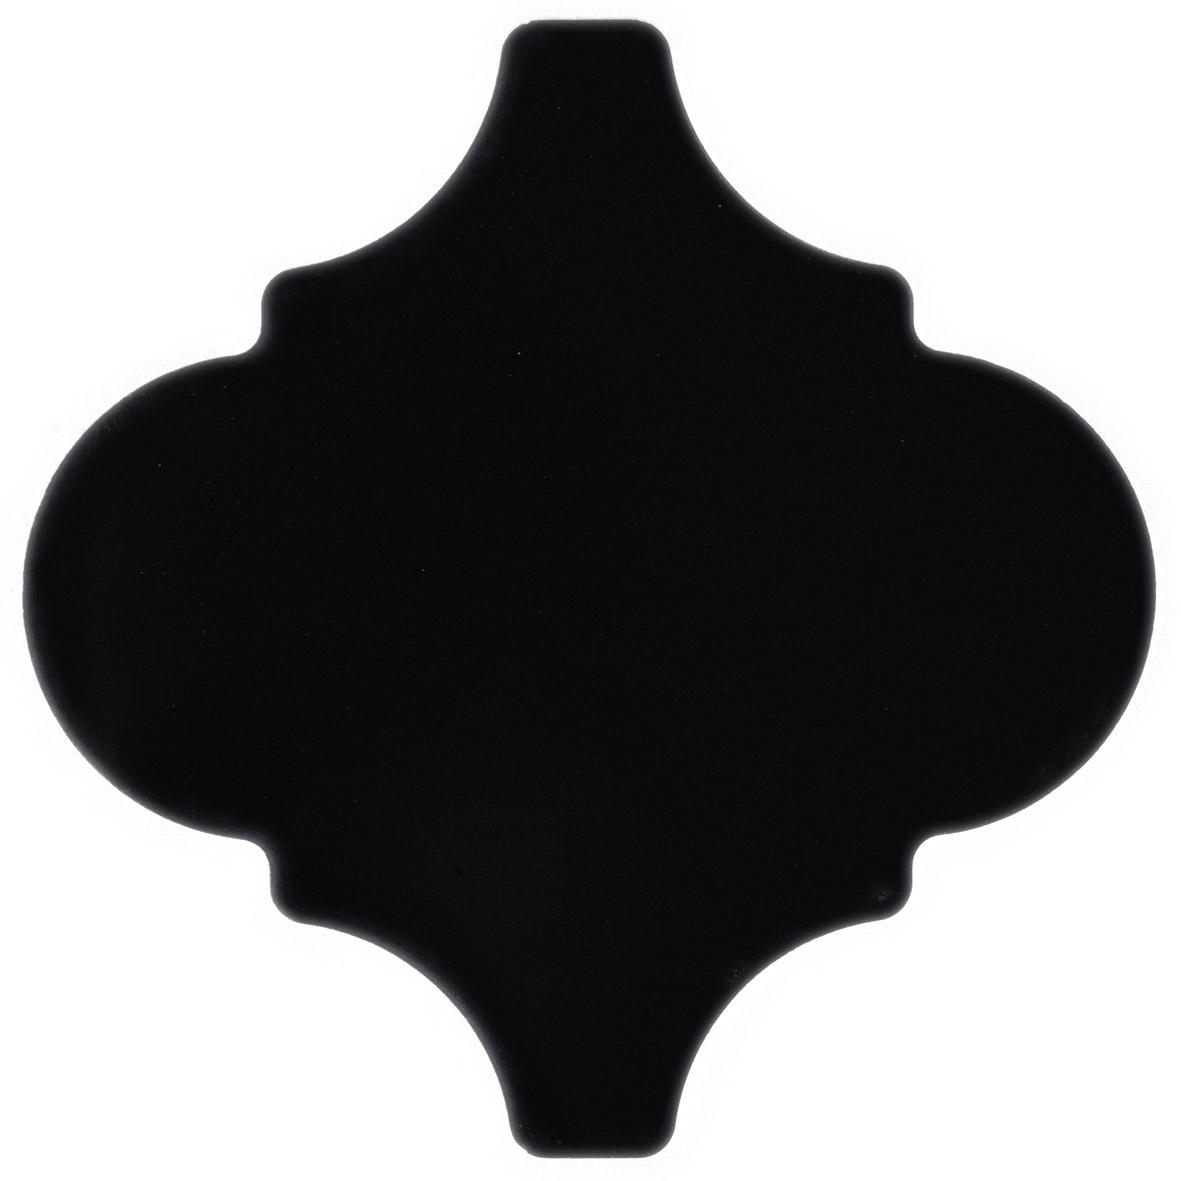 ARB3800, Arabesque, Musta, seina